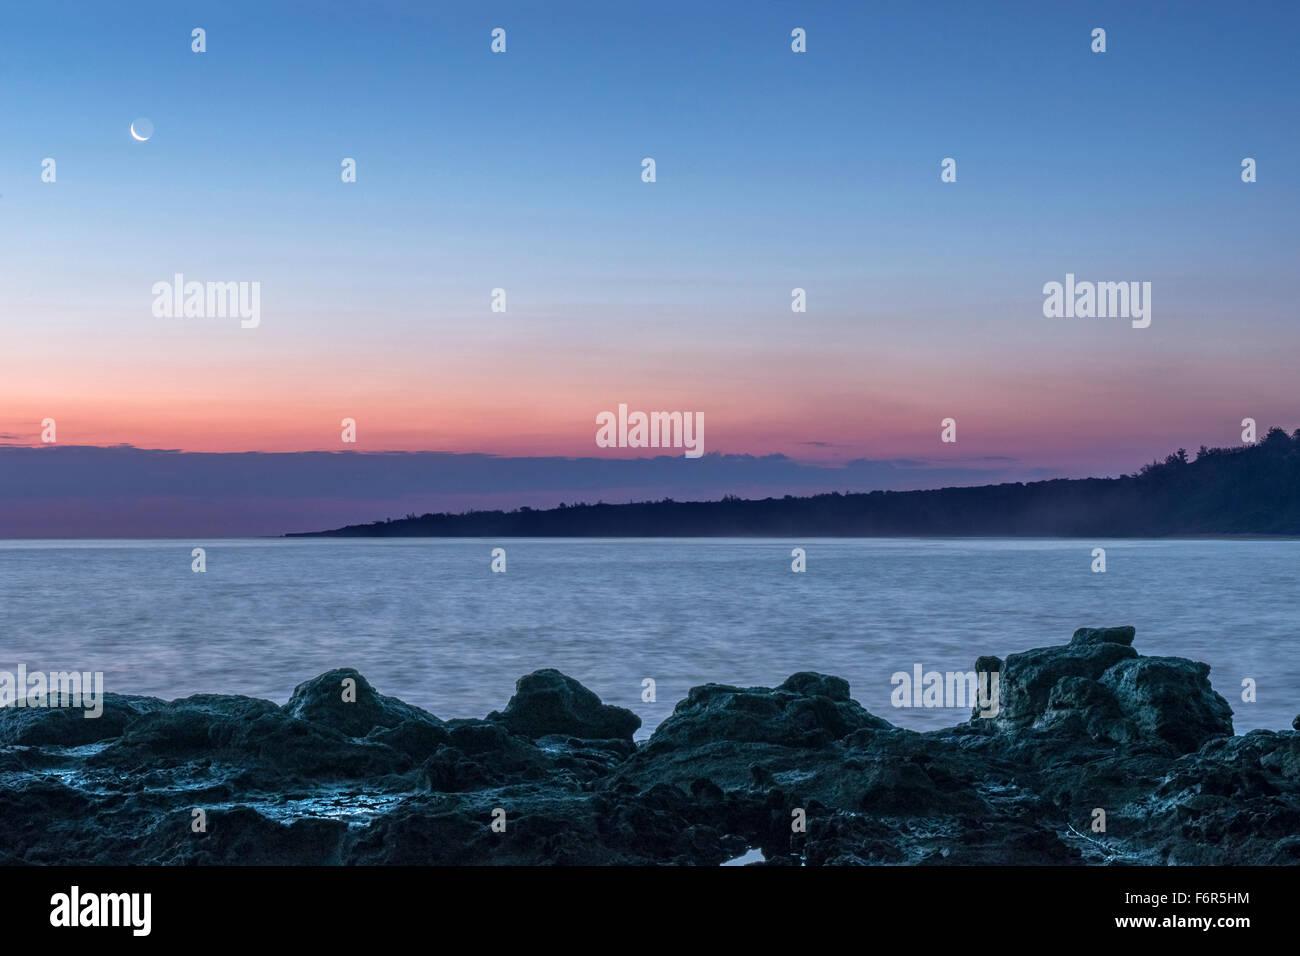 Sonnenaufgang über Felsformationen am Strand Stockfoto